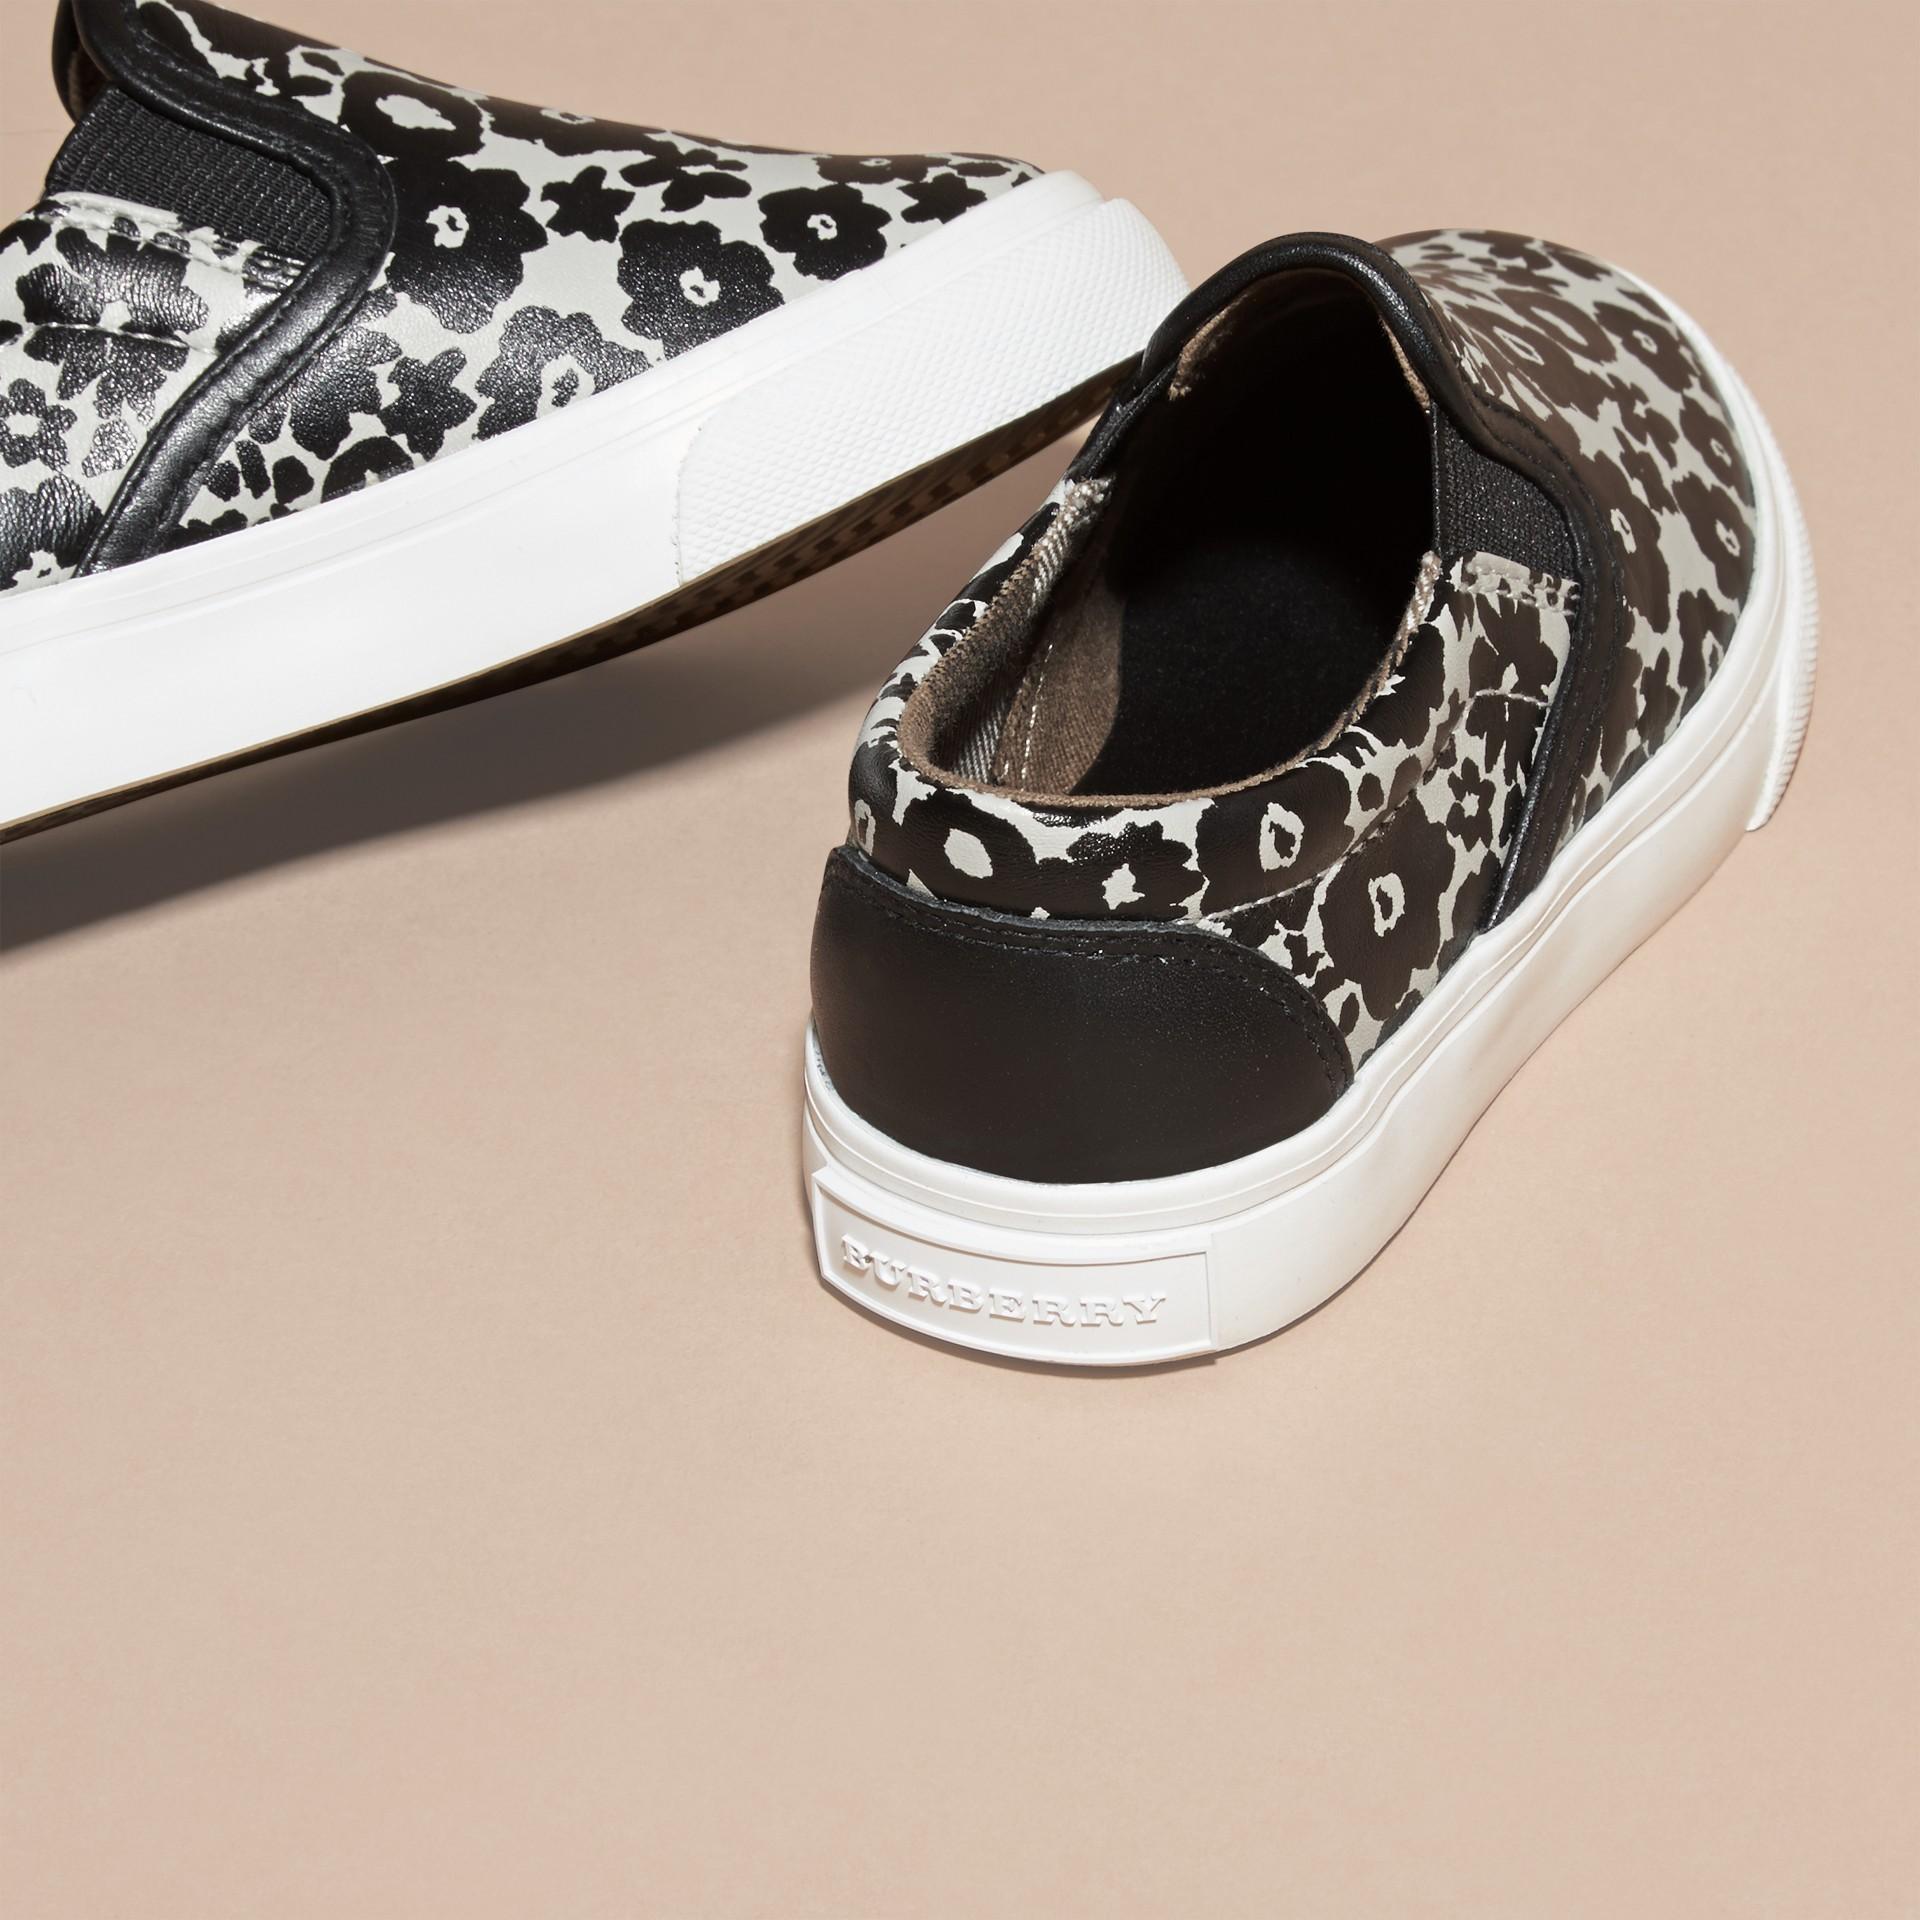 Noir/blanc Sneakers sans lacets en cuir à imprimé floral - photo de la galerie 4